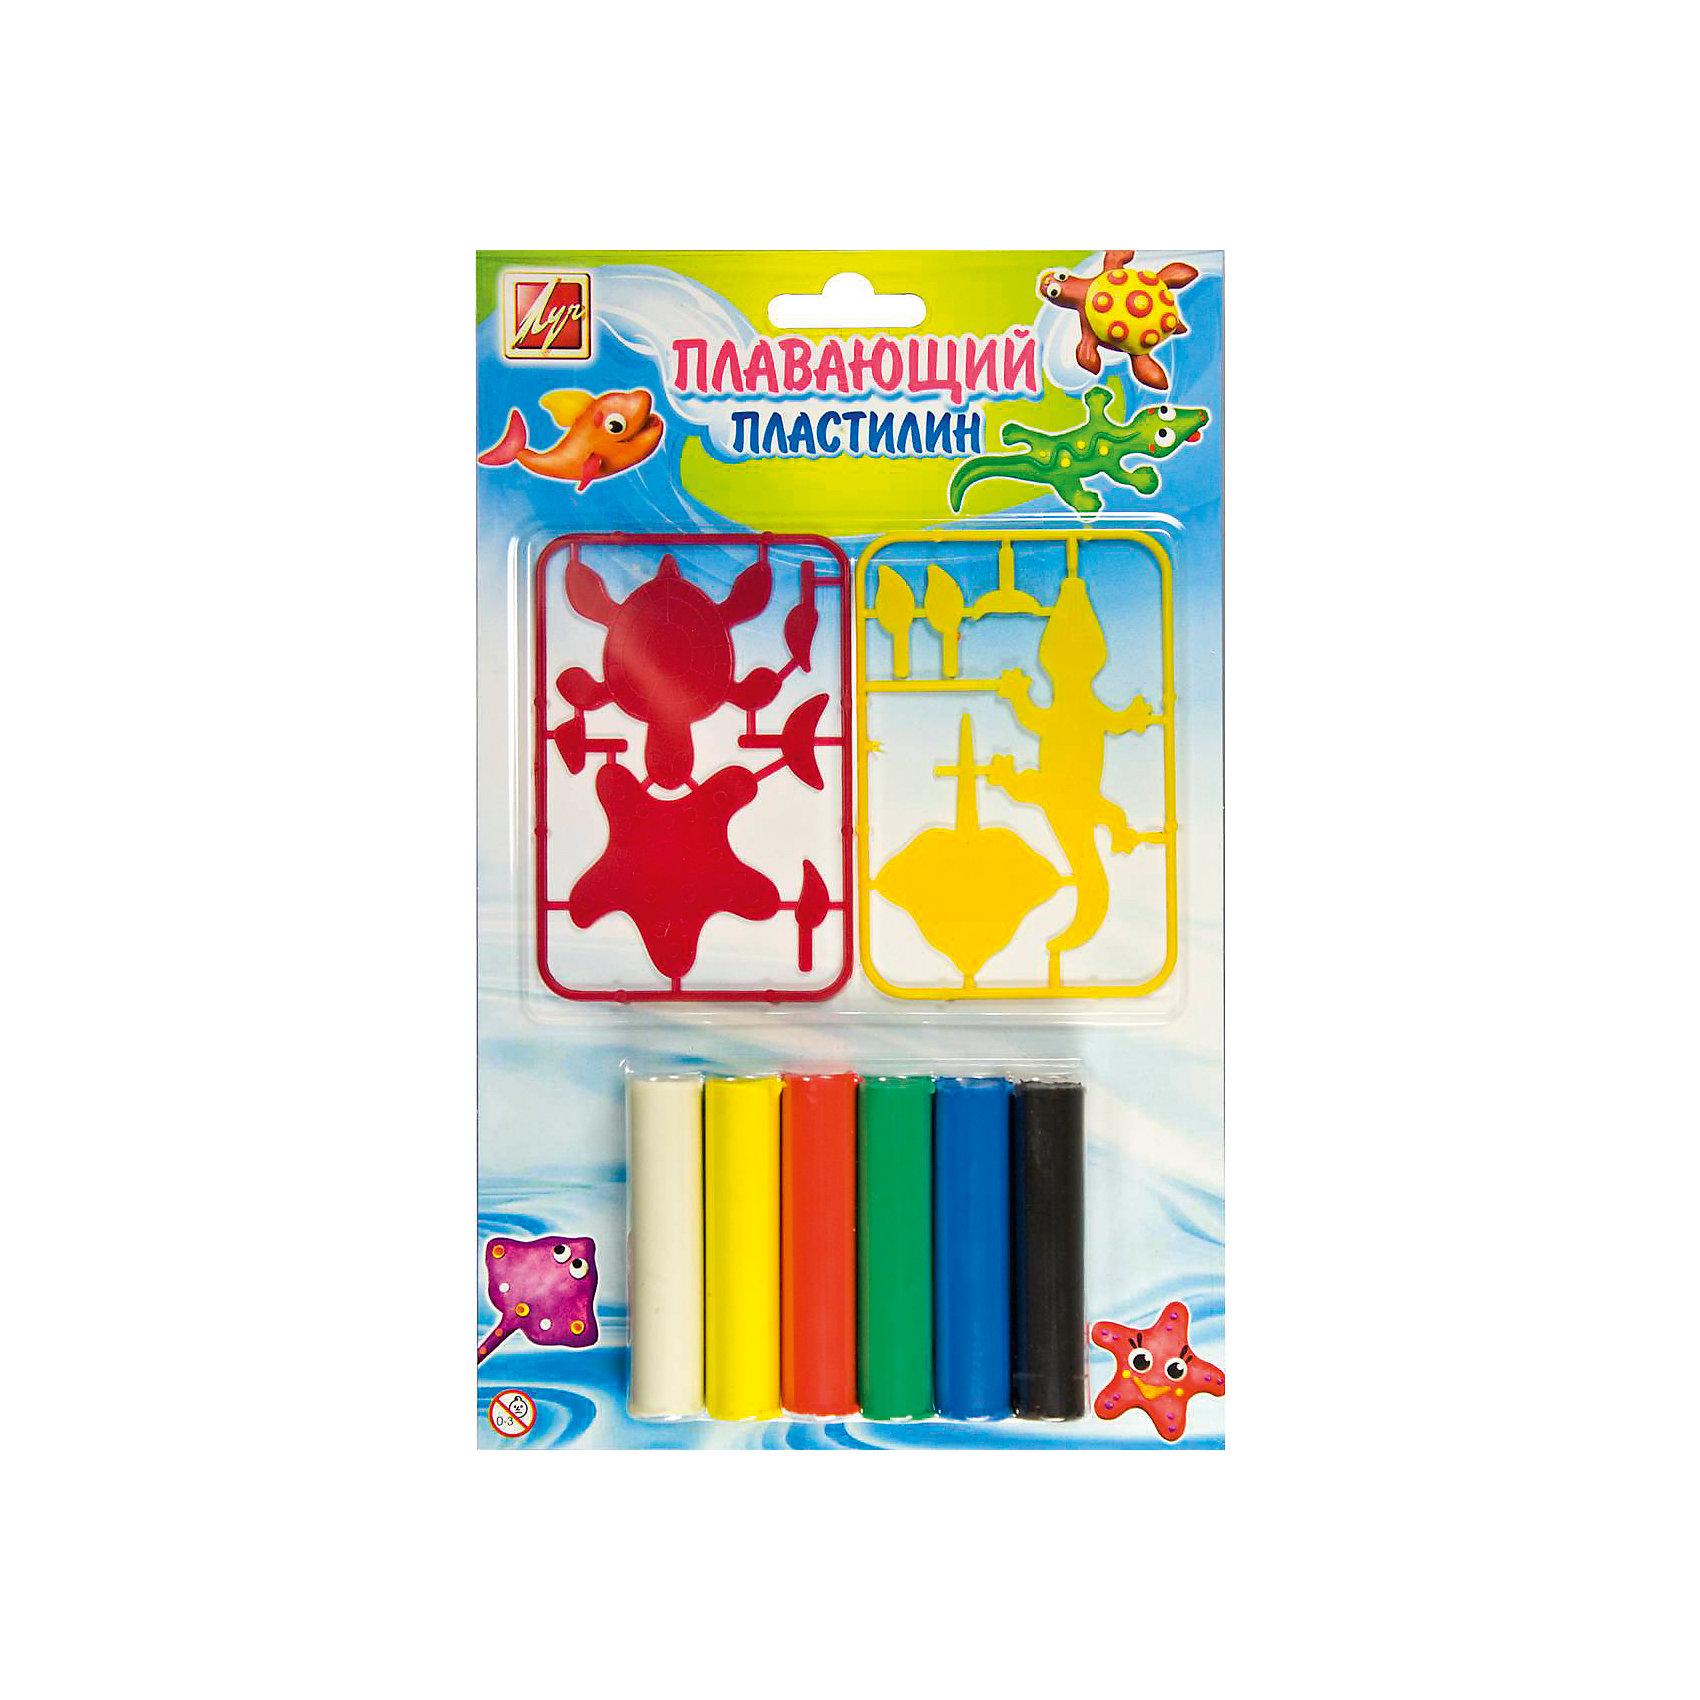 ЛУЧ Набор для творчества плавающий пластилин, 6 цветов наборы для поделок луч набор для изготовления мыла цветы